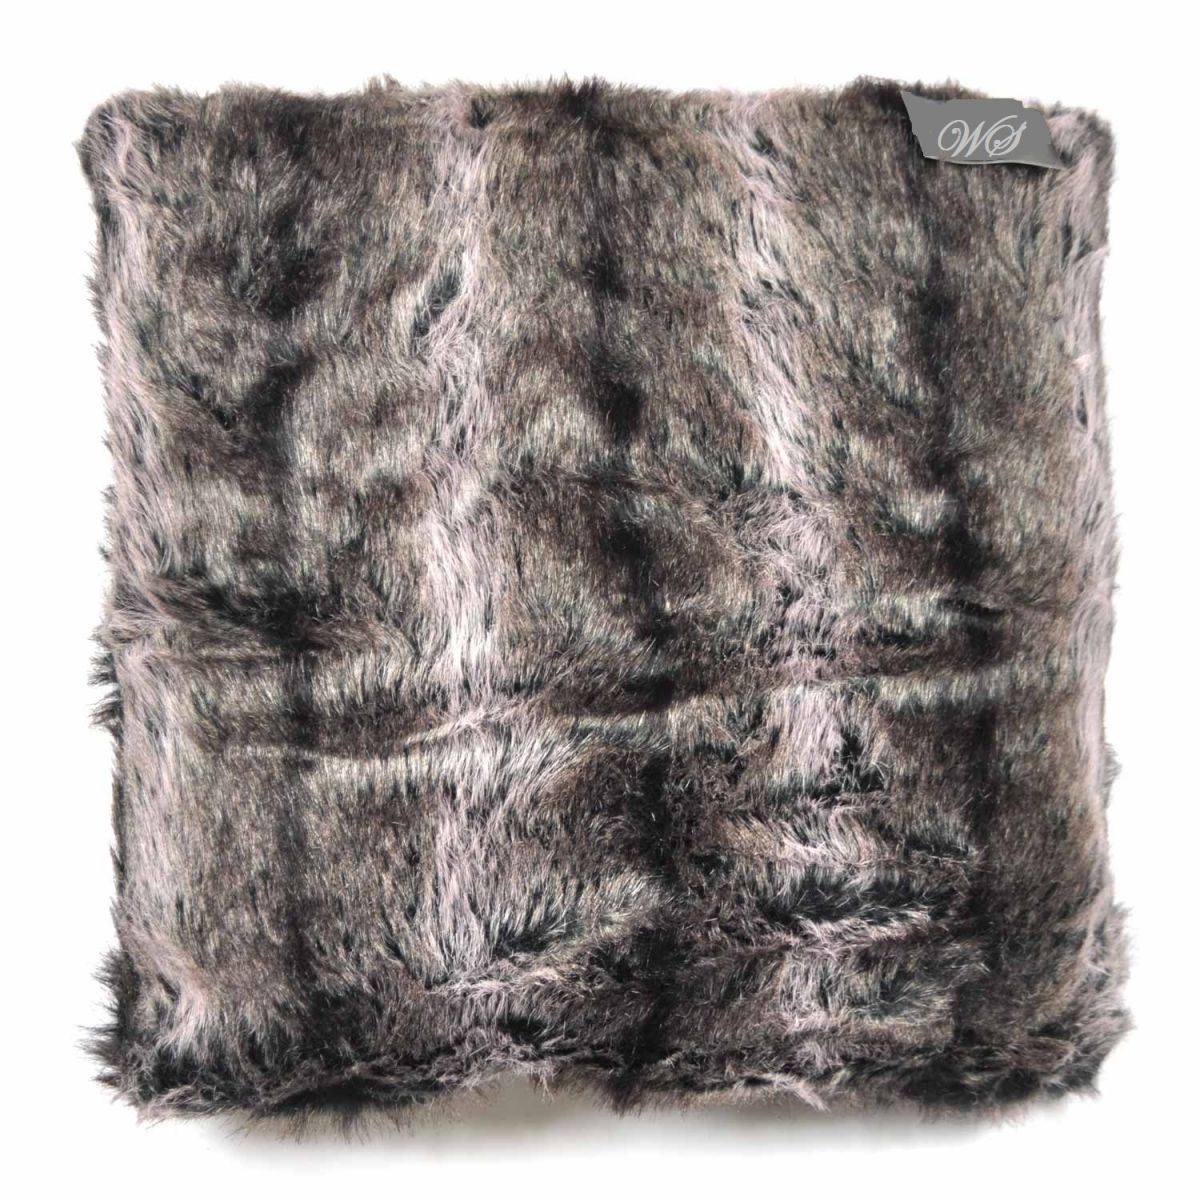 Kussenhoes bont de woonschat - Kussen bont grijs ...